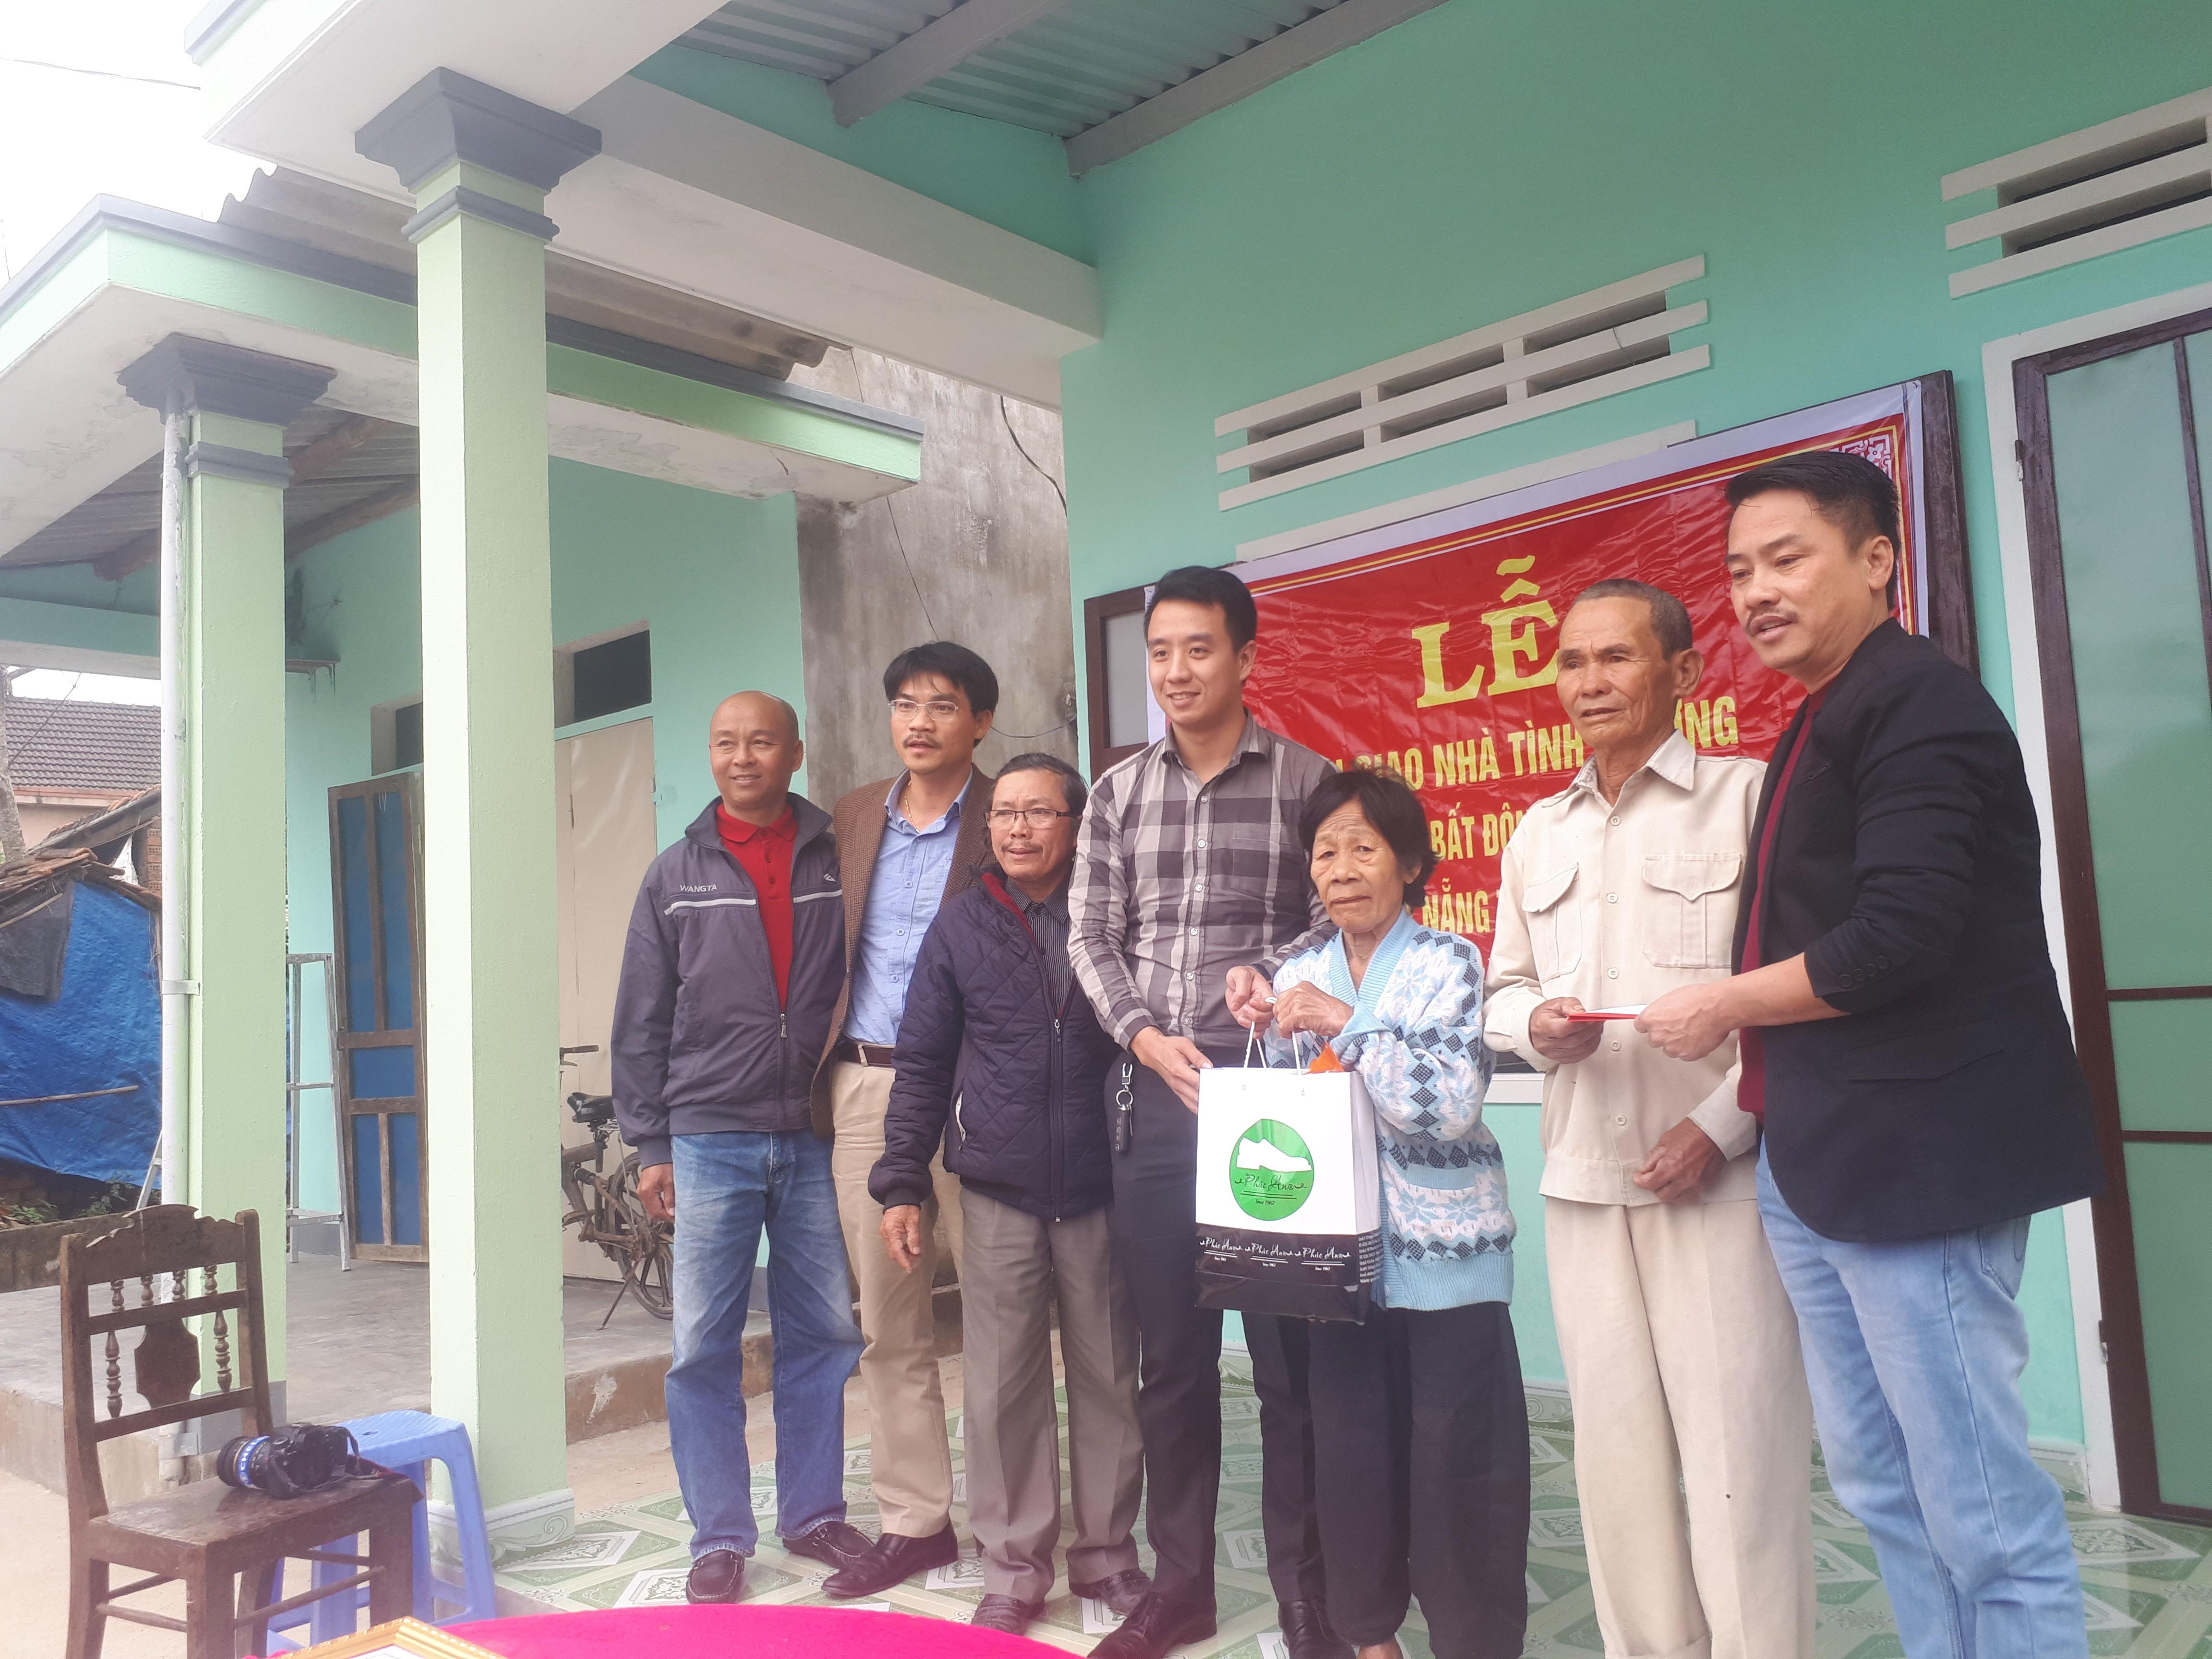 Xã hội - Hàng trăm món quà Tết đến với người dân nghèo xứ Quảng